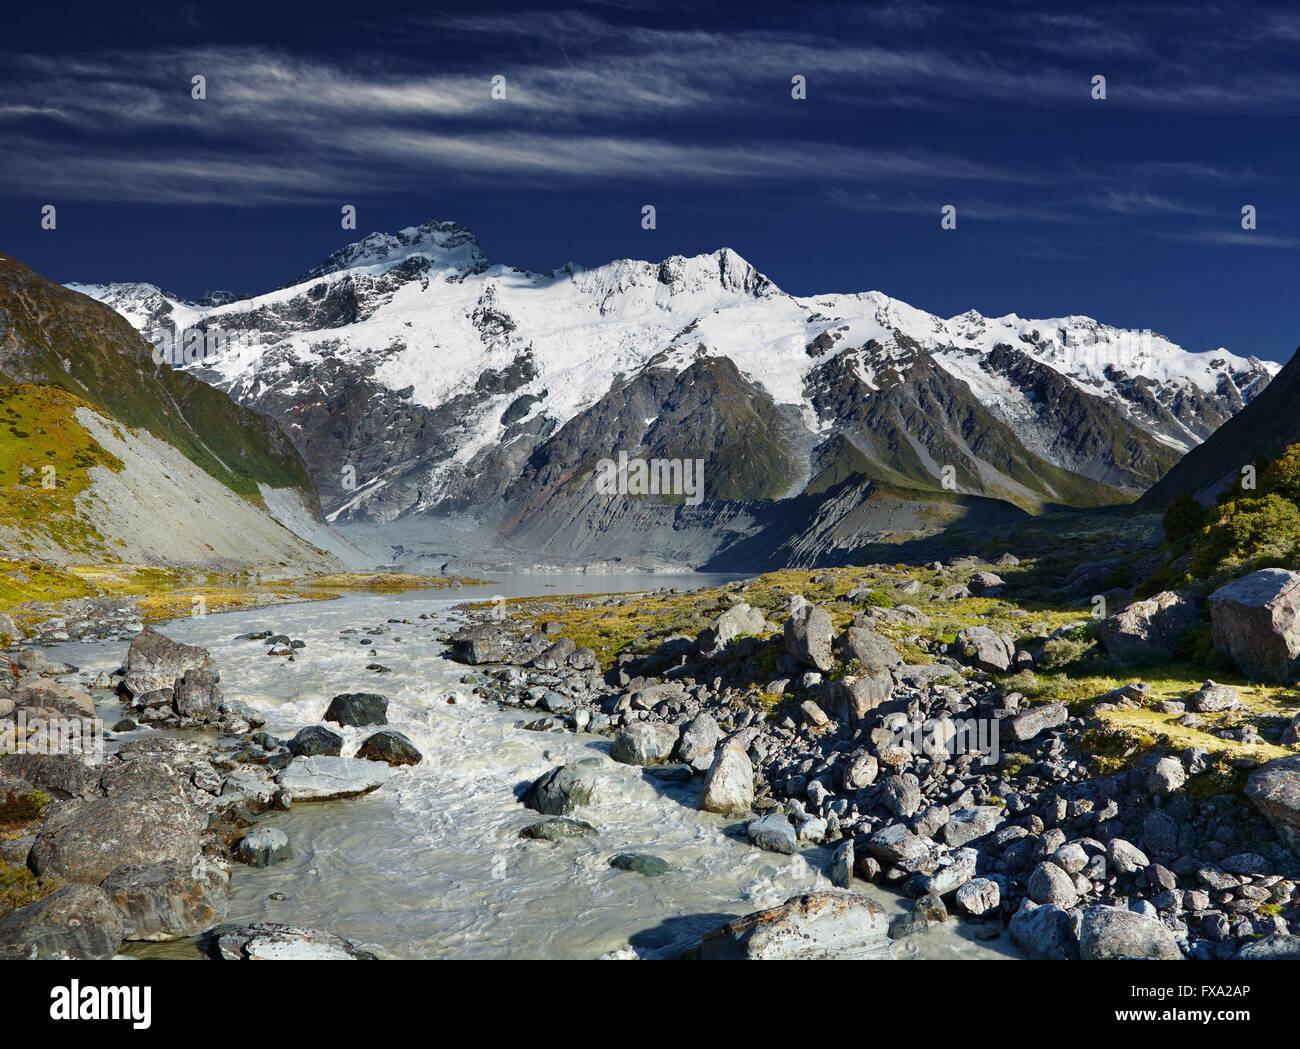 Amanecer en los Alpes del Sur, Nueva Zelanda Imagen De Stock